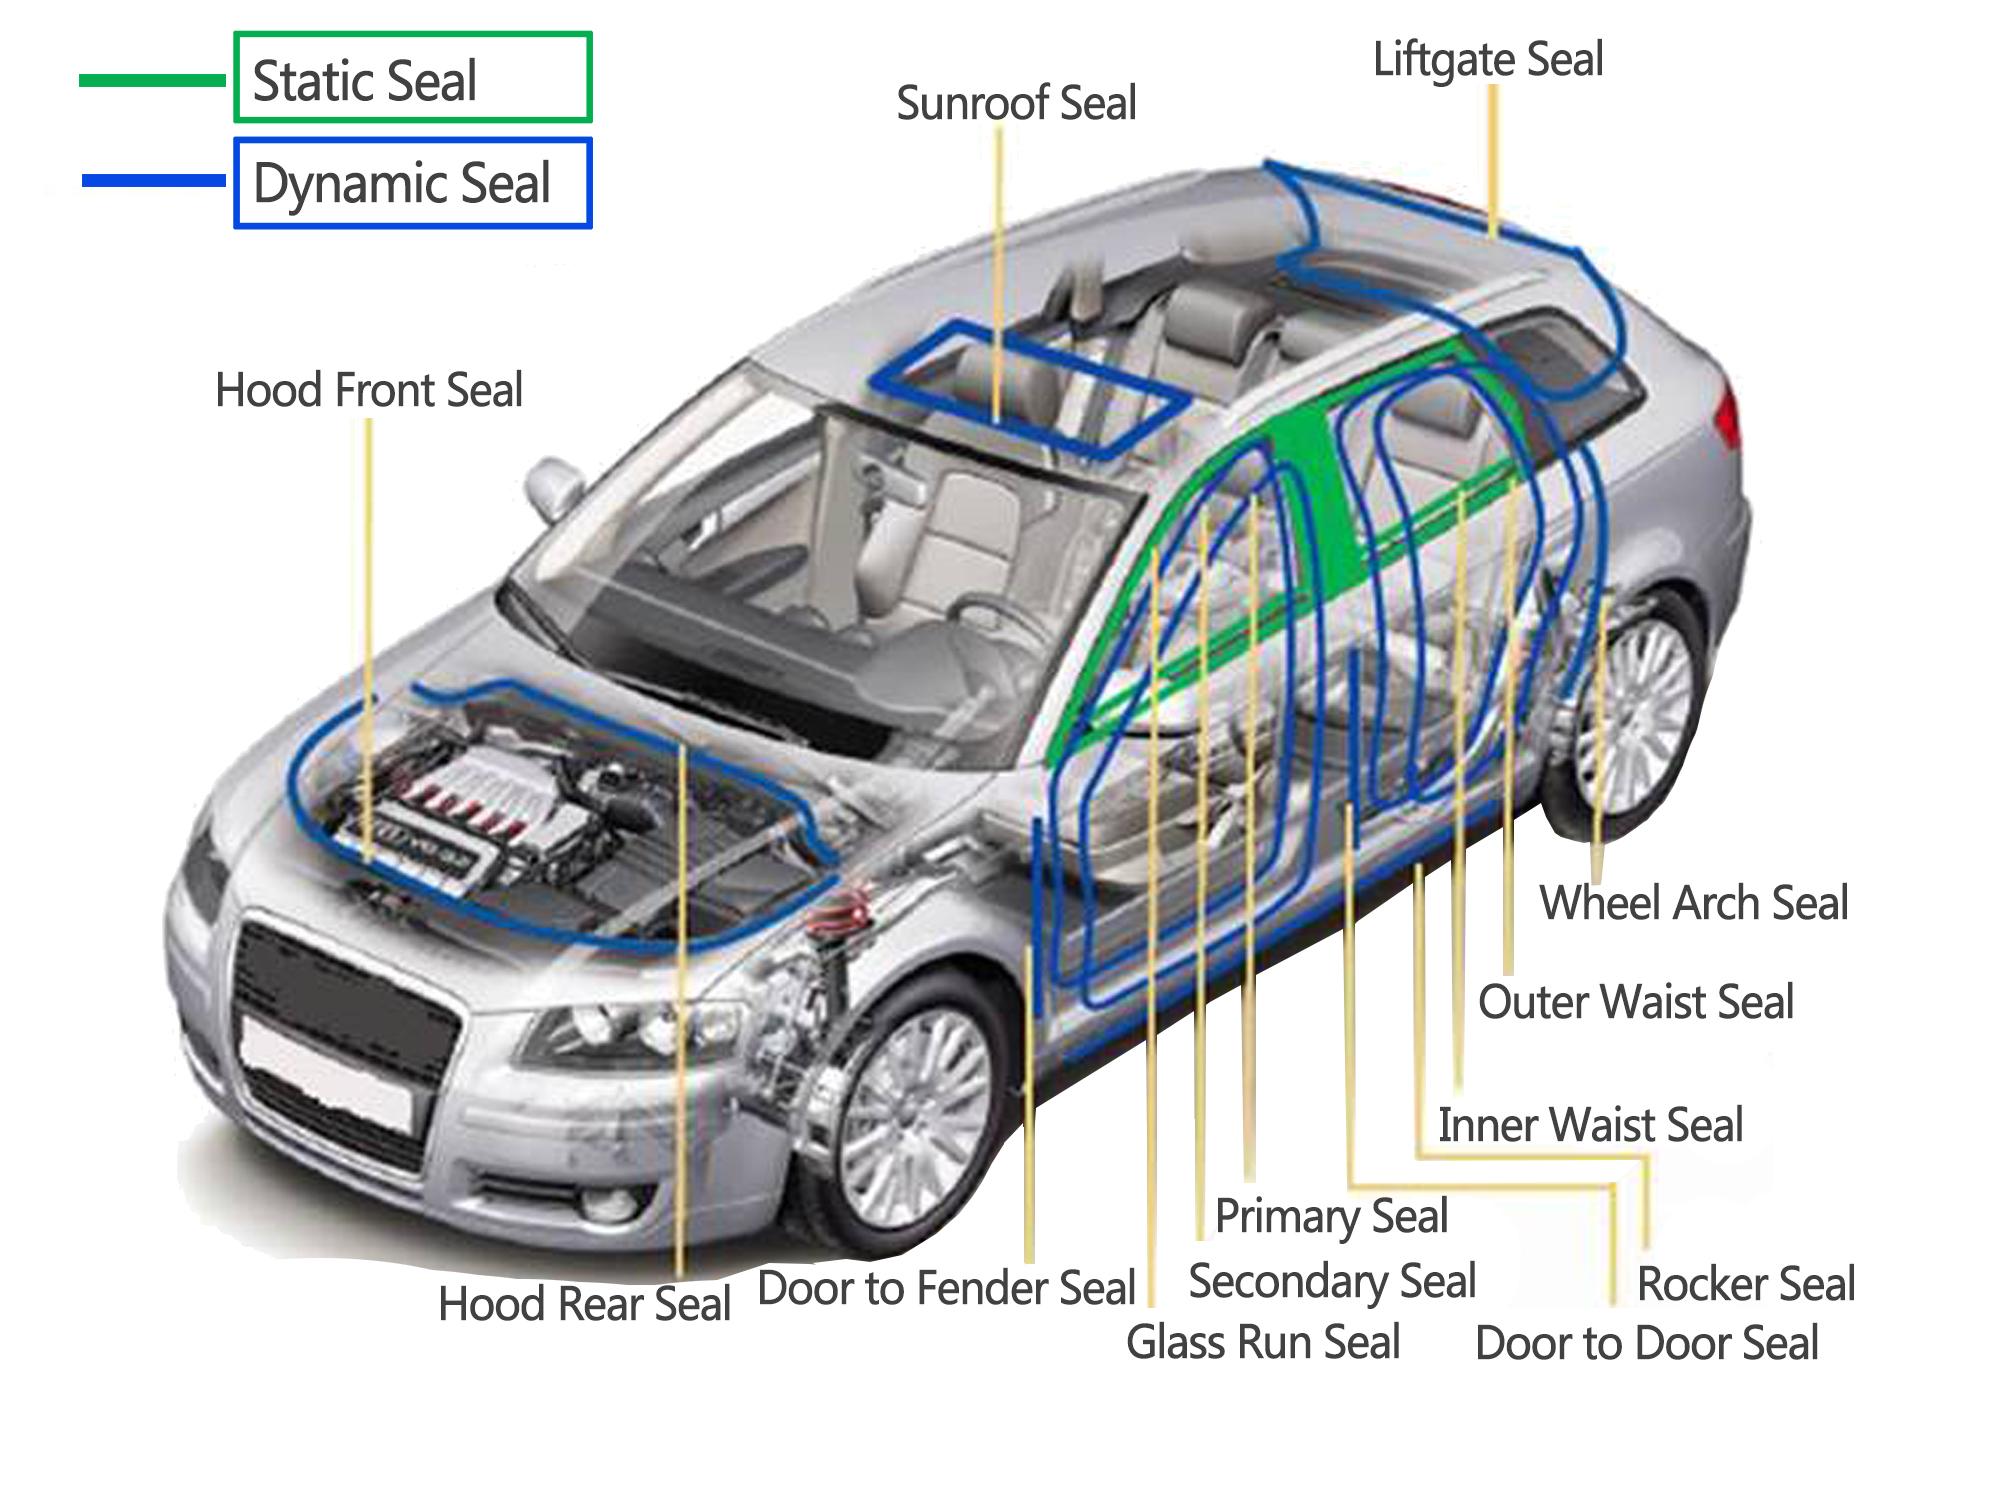 【官宣】通用汽车将bob游戏公司声波衰减涂层材料纳入全球供应链材料系统